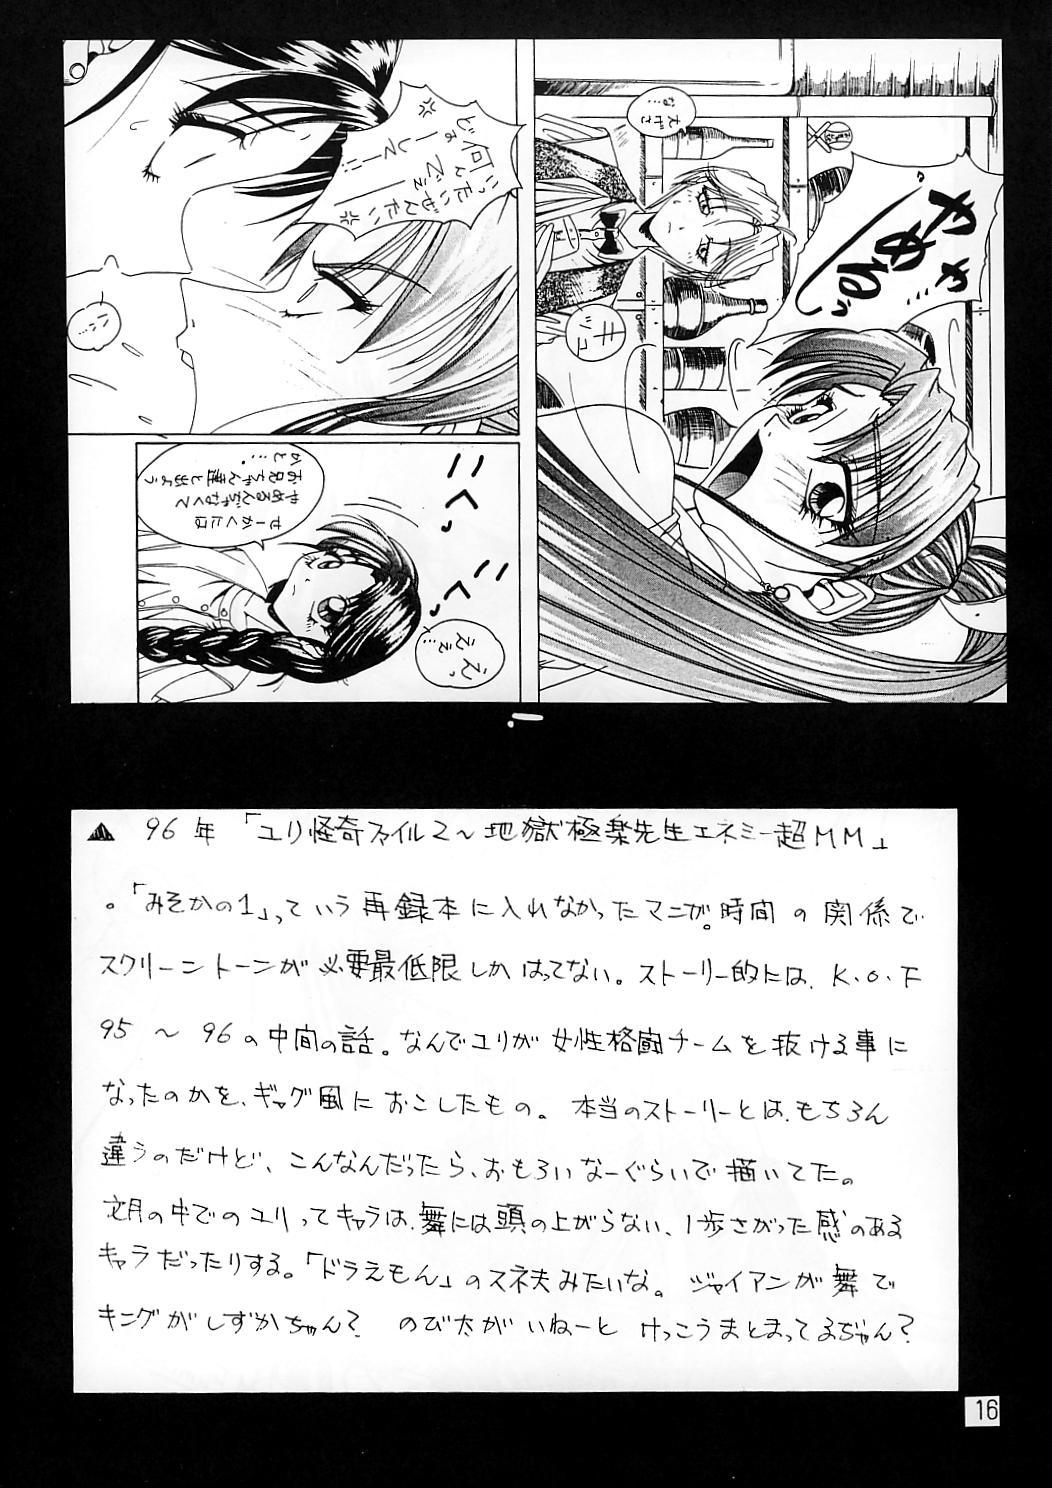 Misokacchi 15